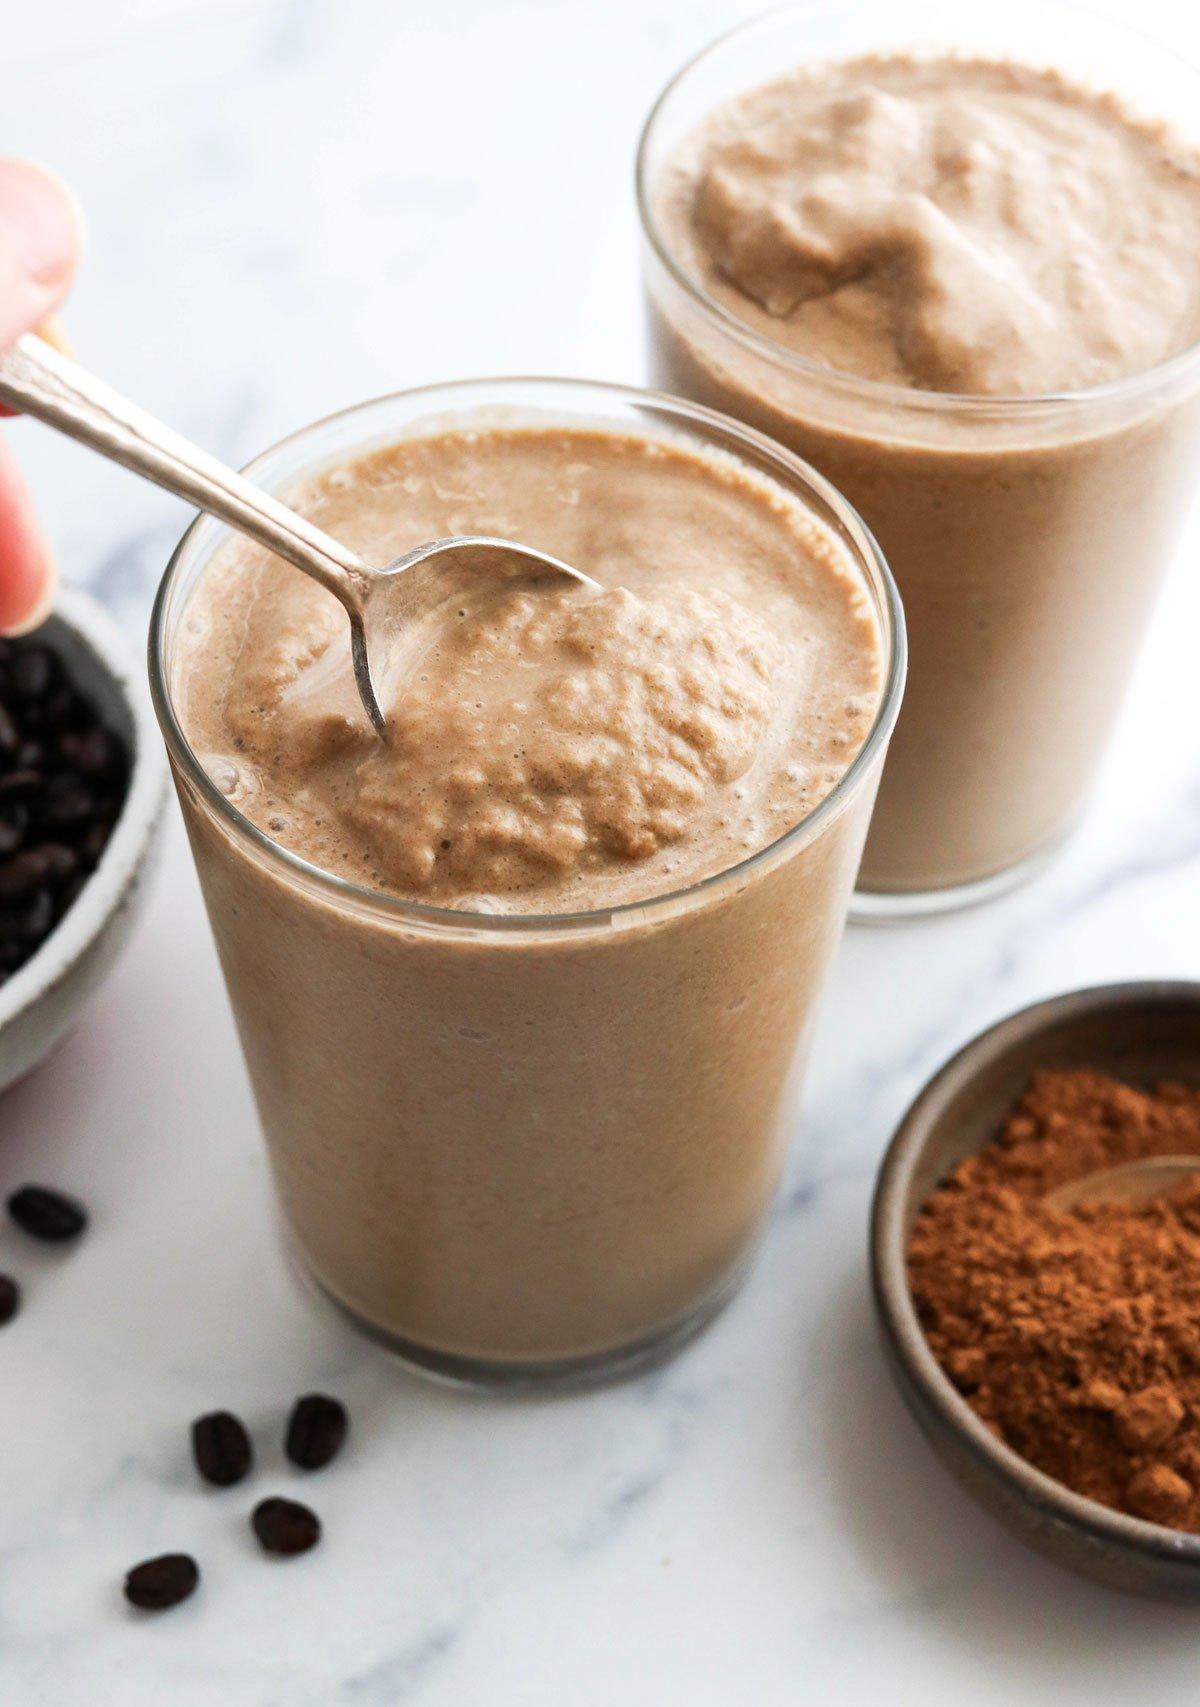 slushy texture of coffee smoothie on spoon